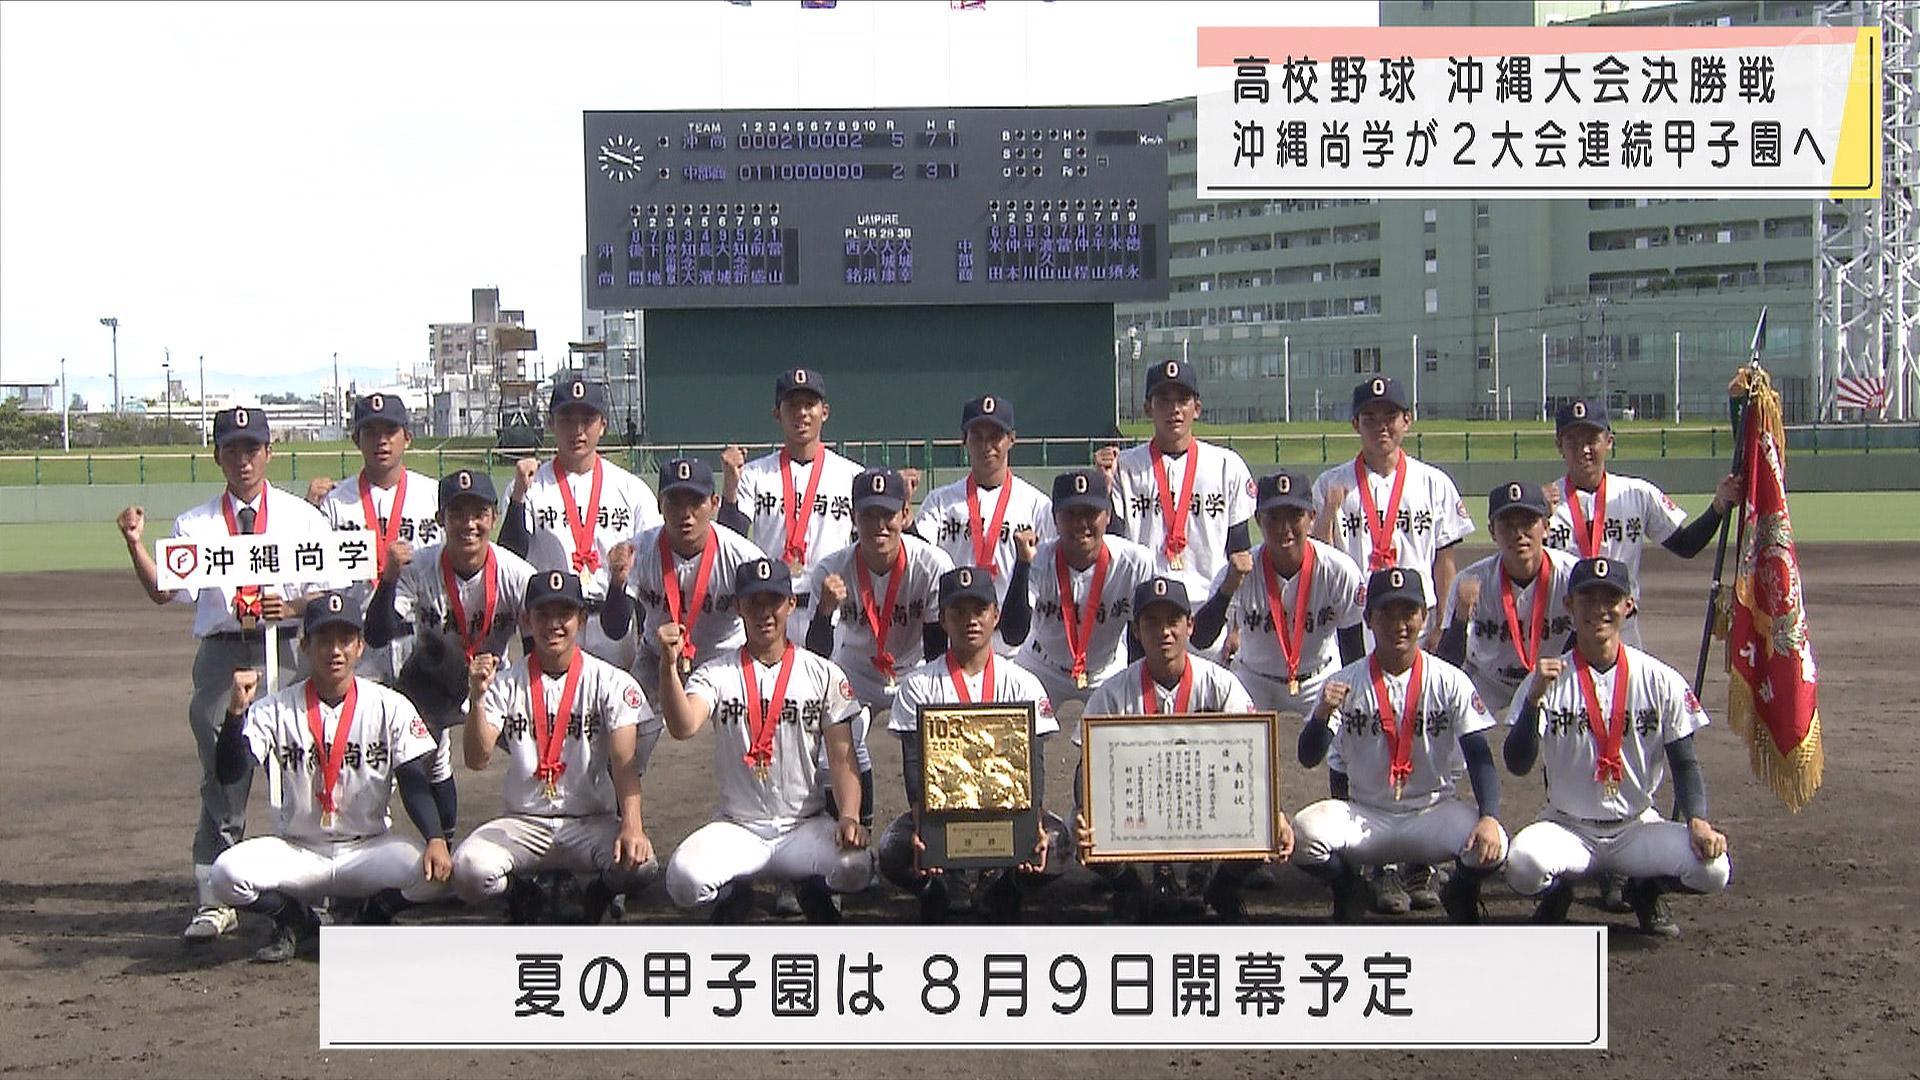 夏の高校野球 沖縄尚学が甲子園へ